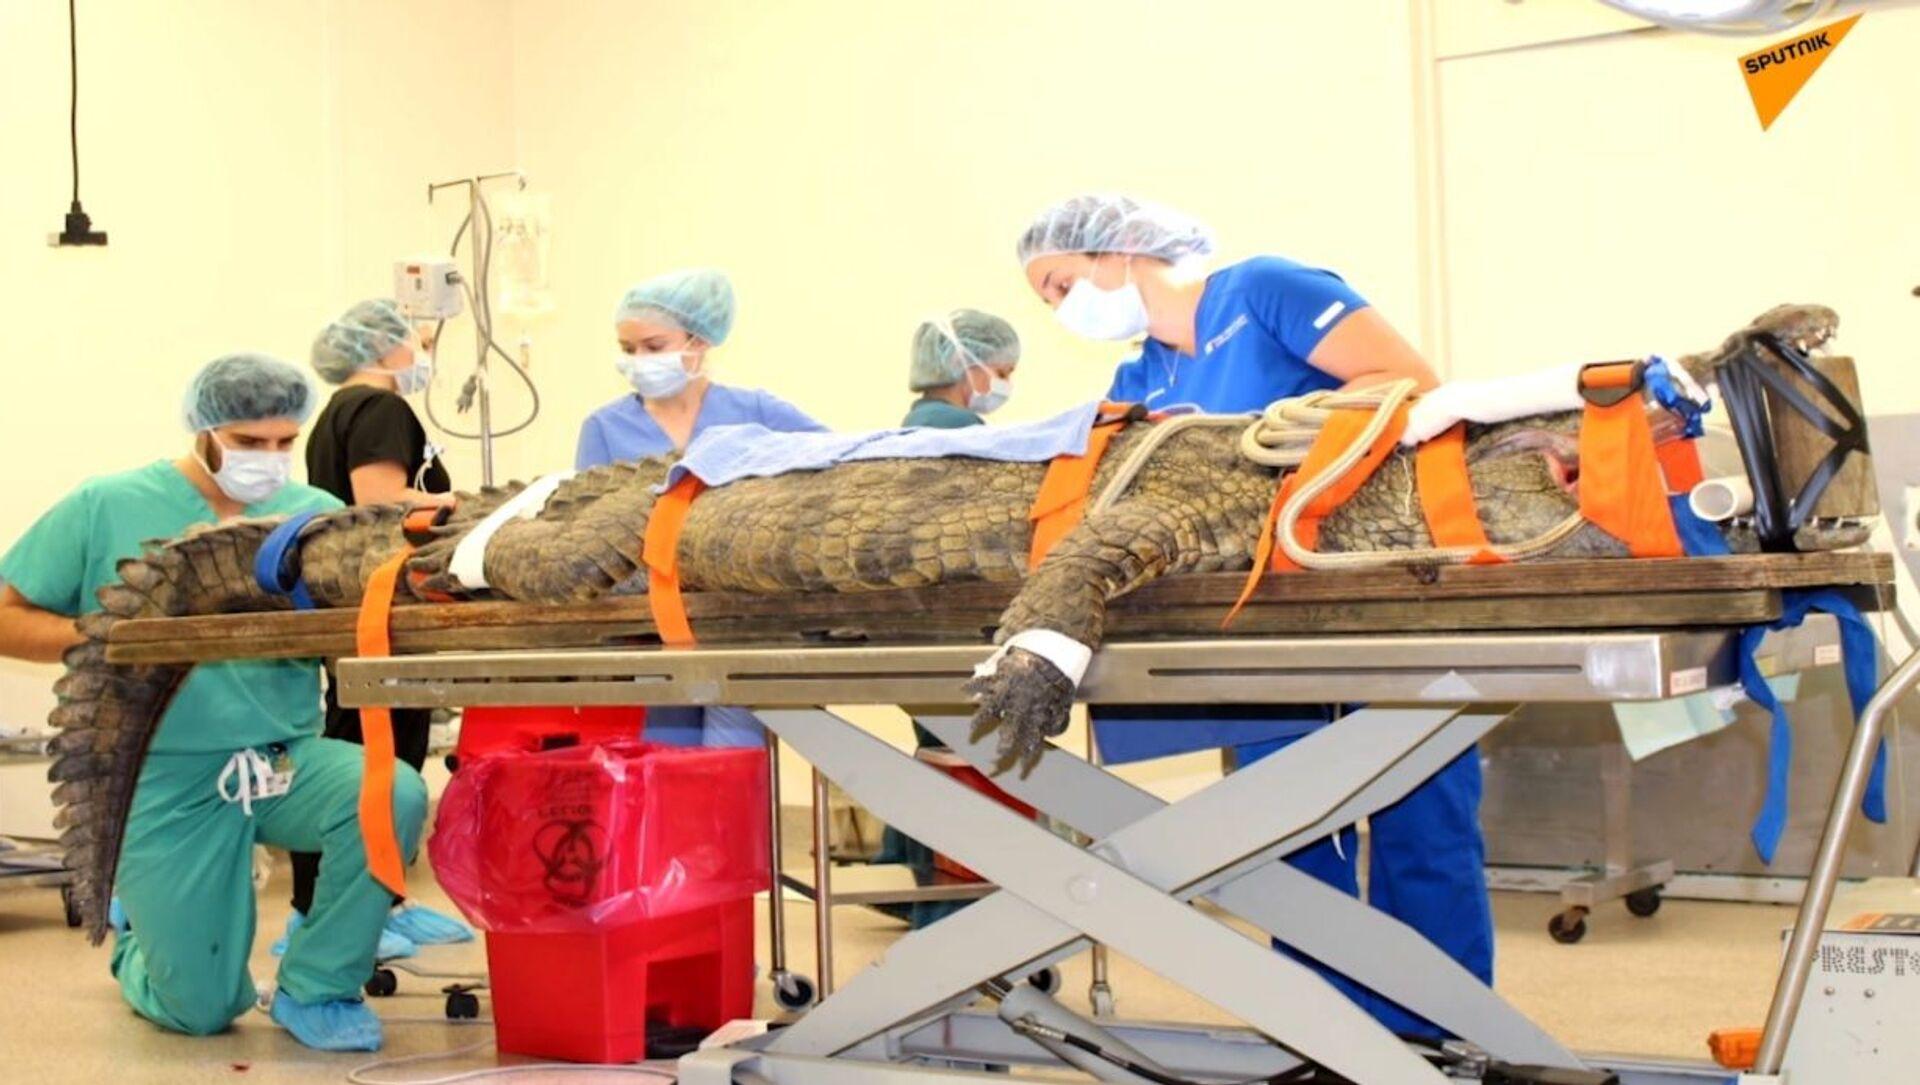 USA: i medici hanno salvato un coccodrillo di oltre tre metri, che aveva ingoiato una scarpa - Sputnik Italia, 1920, 25.02.2021